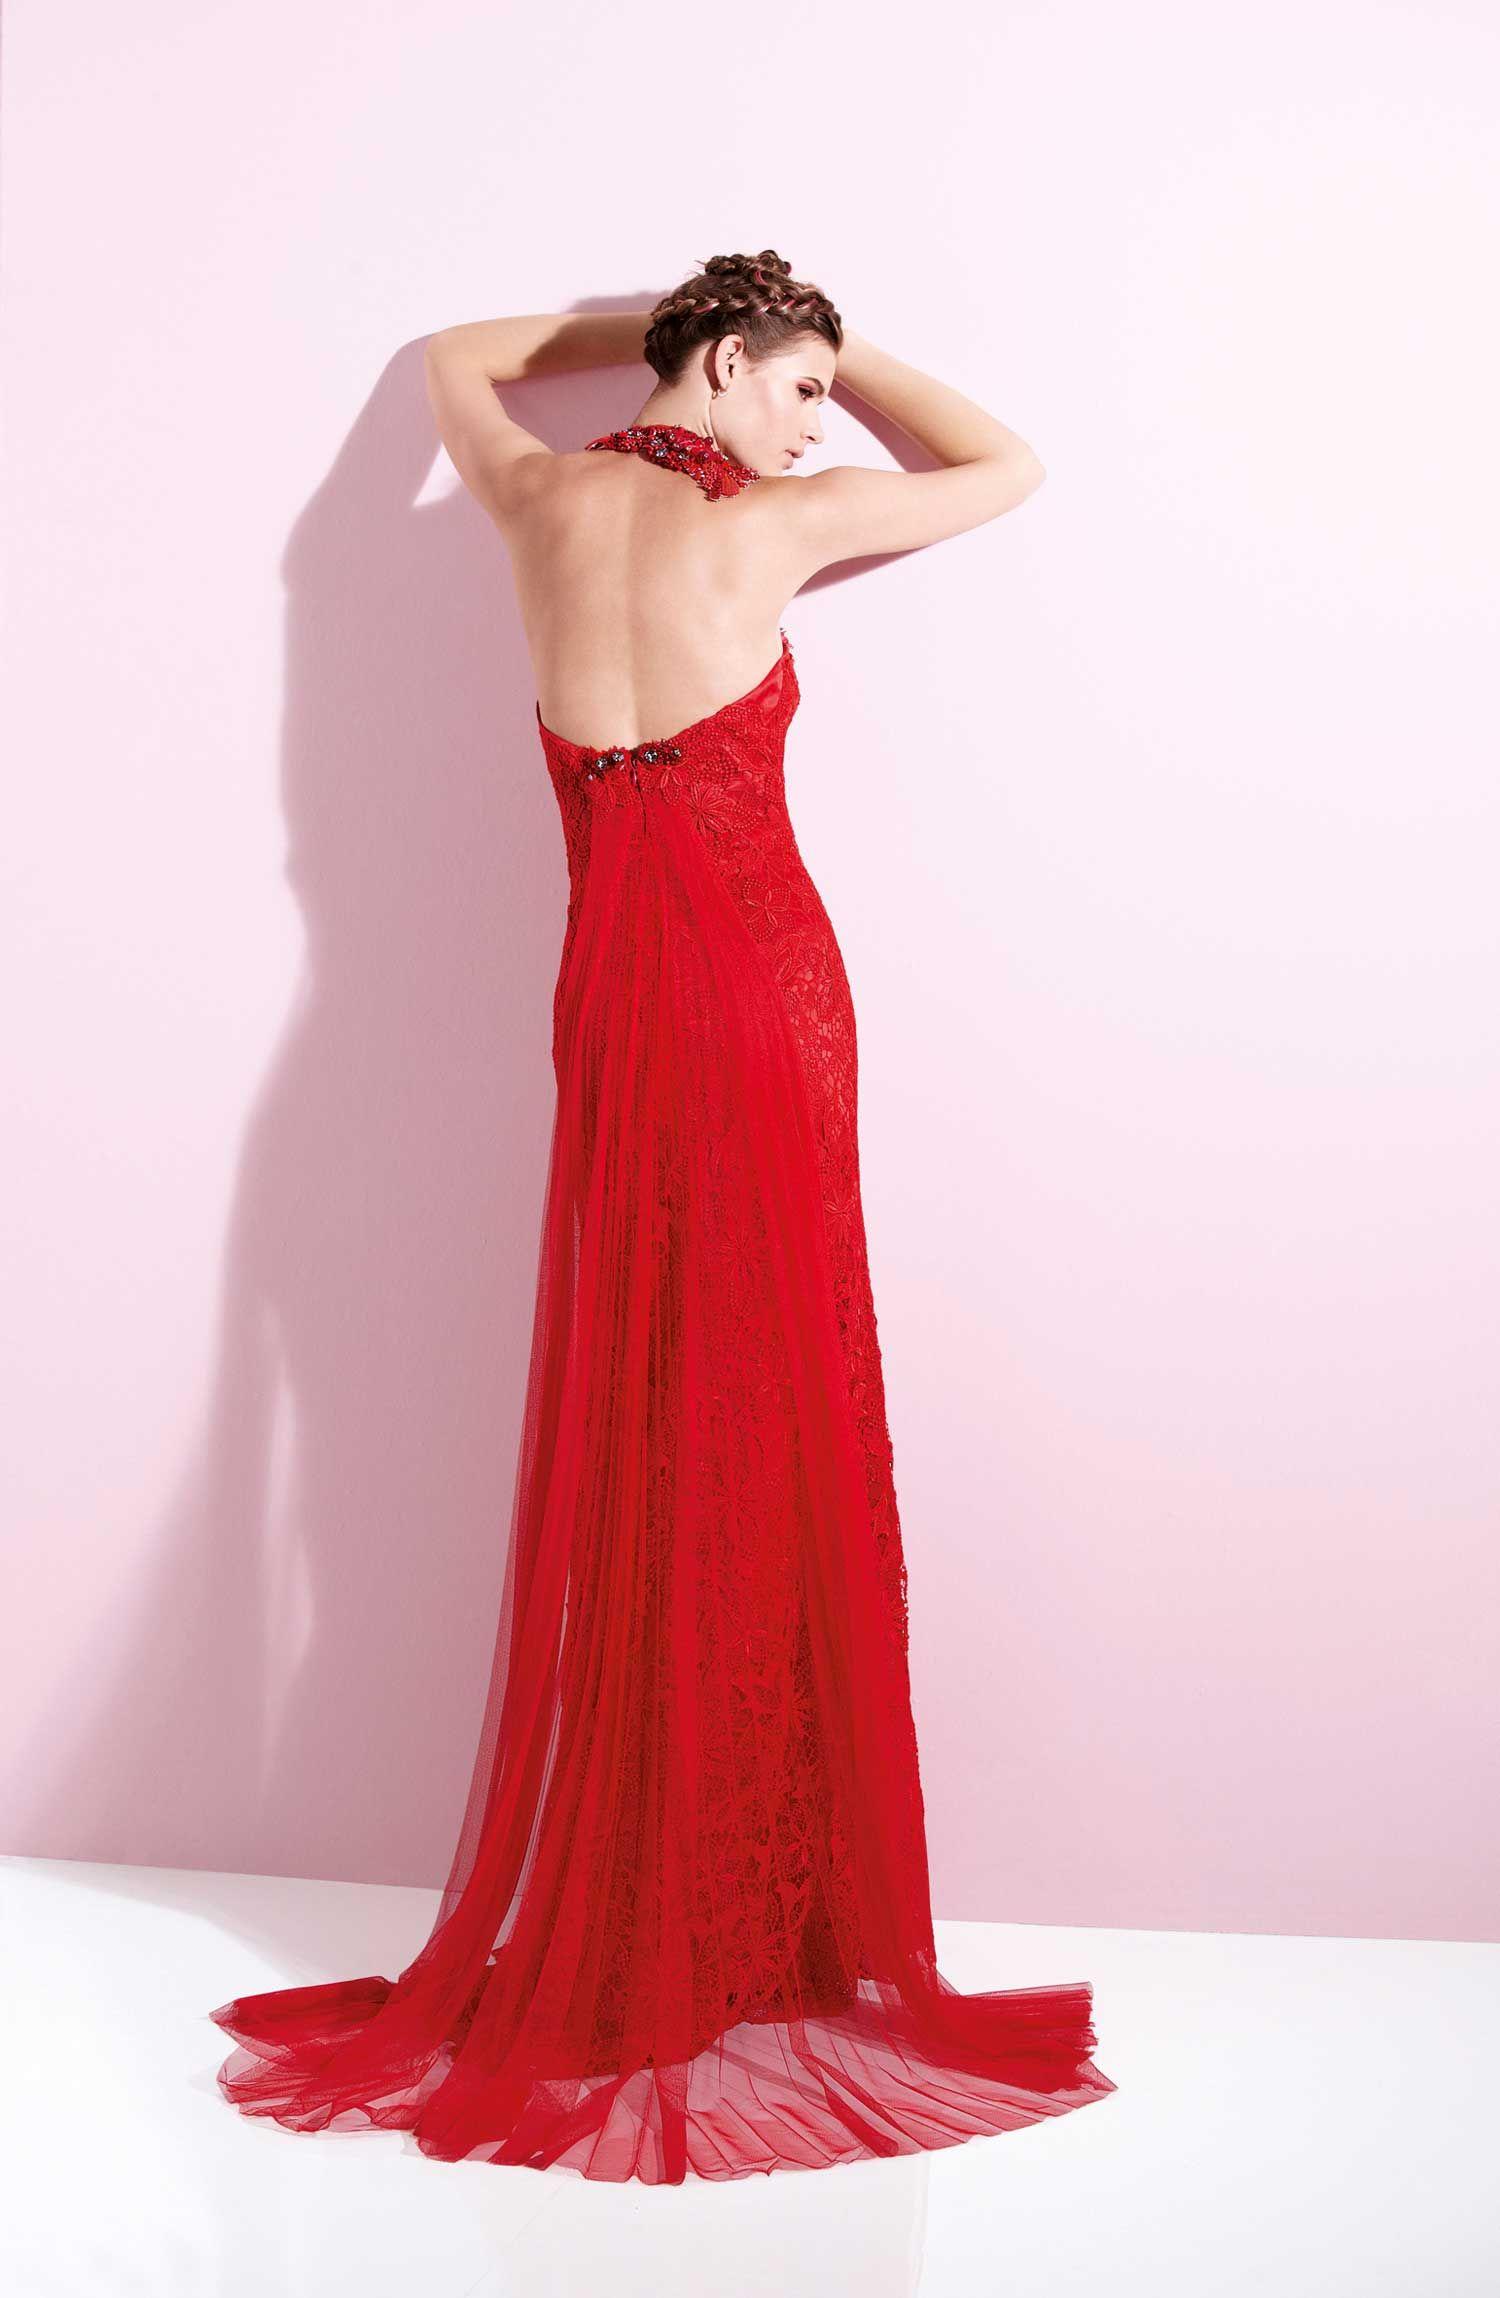 Hermosa Rubí Rojo Vestidos De Fiesta Imágenes - Ideas de Vestidos de ...